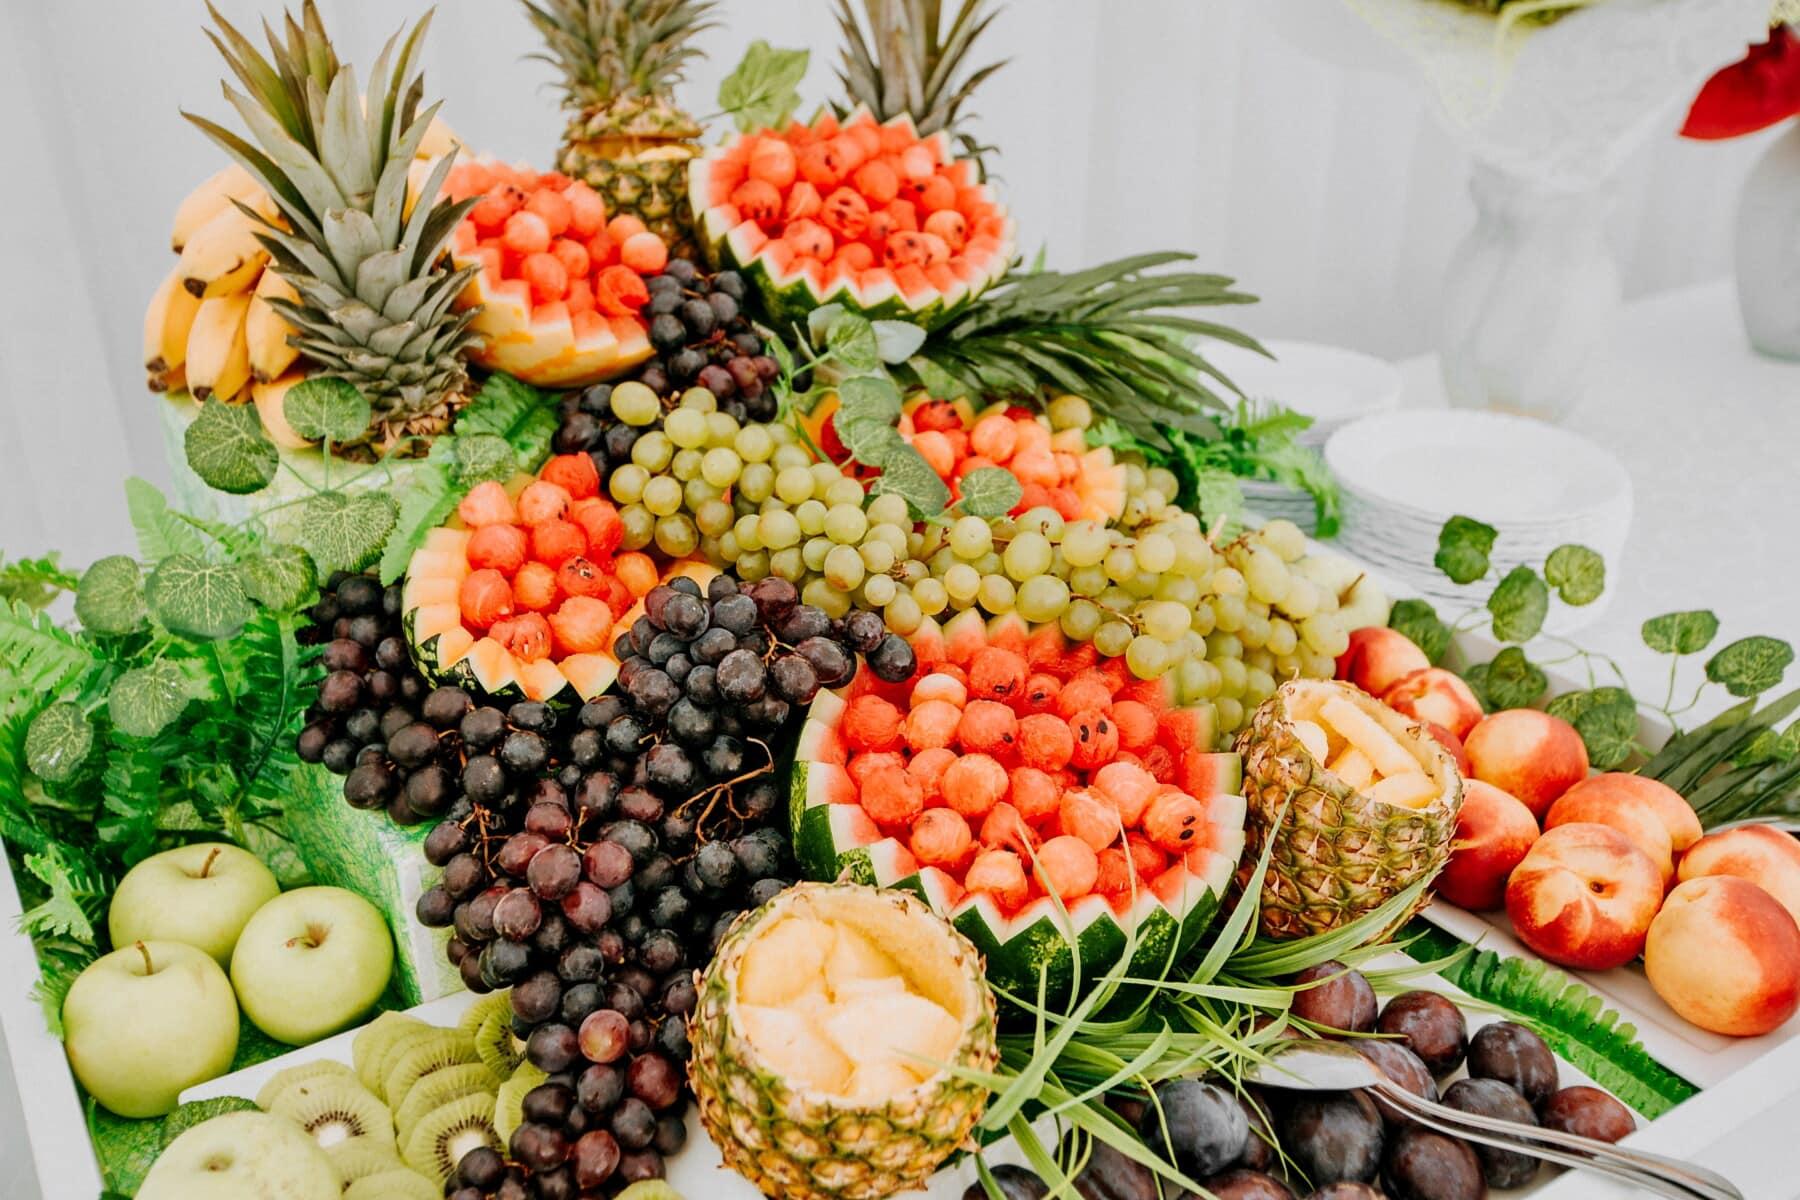 pommes, panache, ananas, Kiwi, melon d'eau, les raisins, banane, fruits, alimentaire, santé